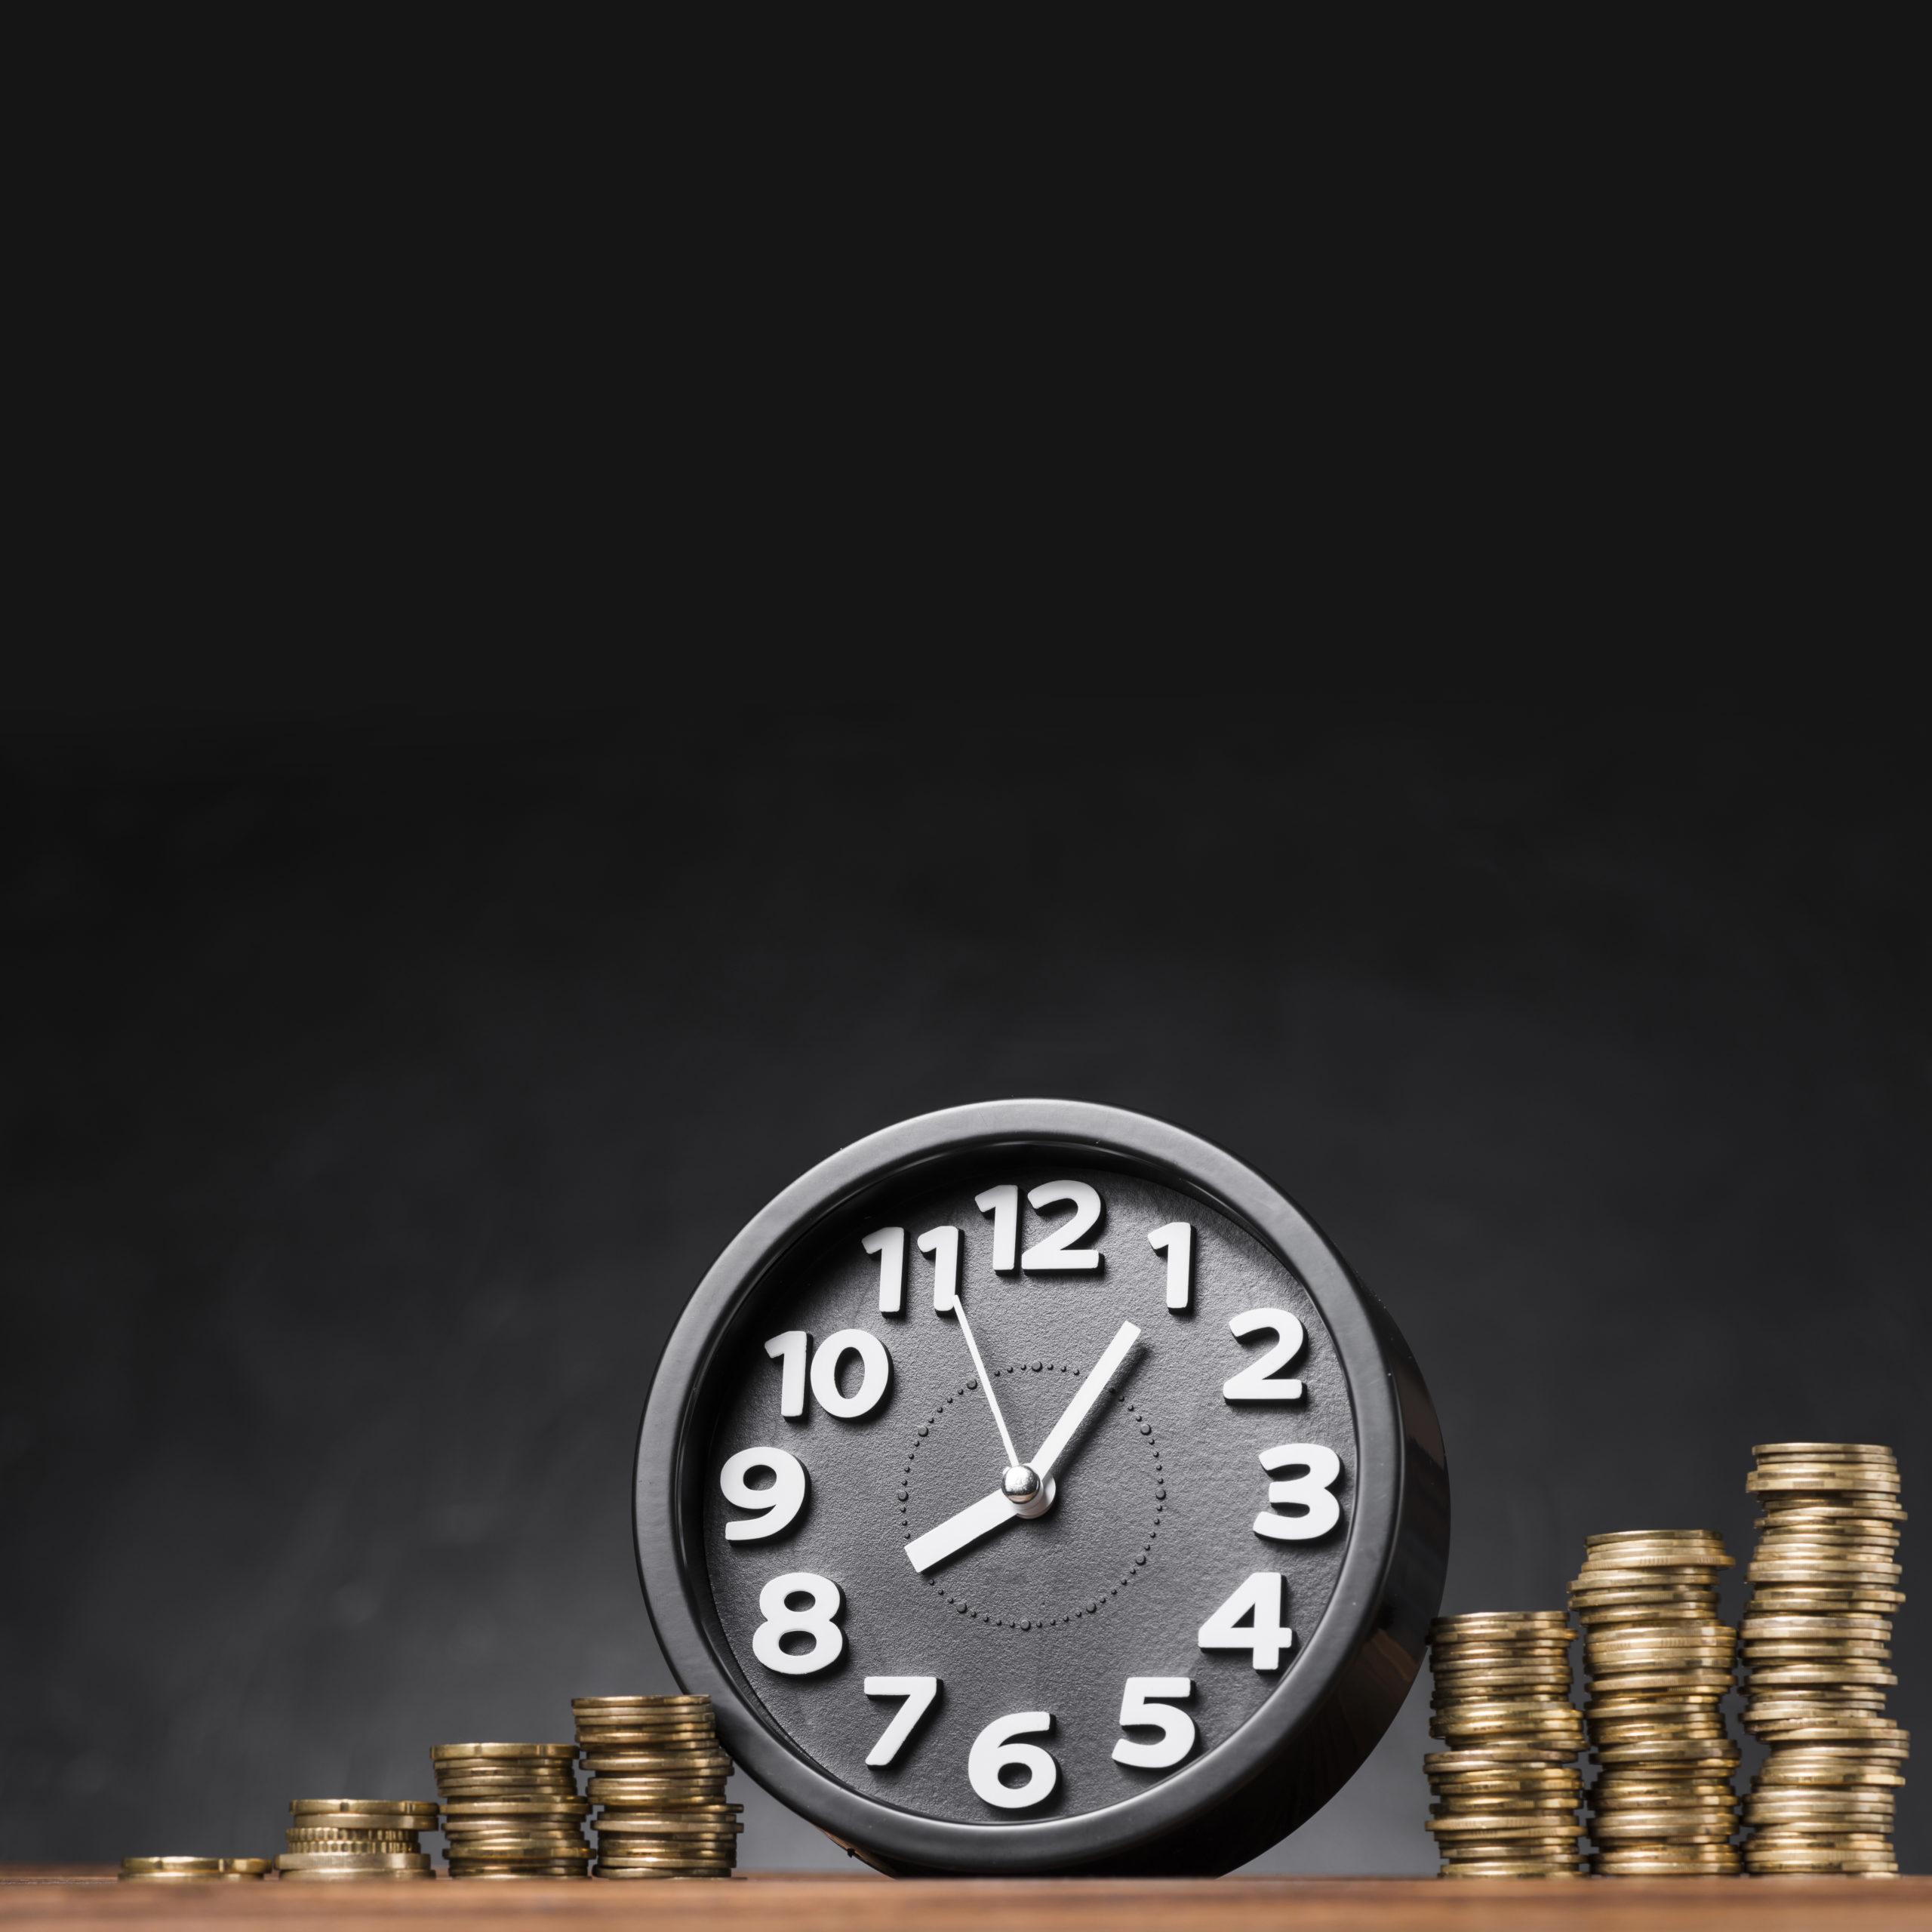 МСП получат право на внесудебную рассрочку долгов до 15 млн рублей